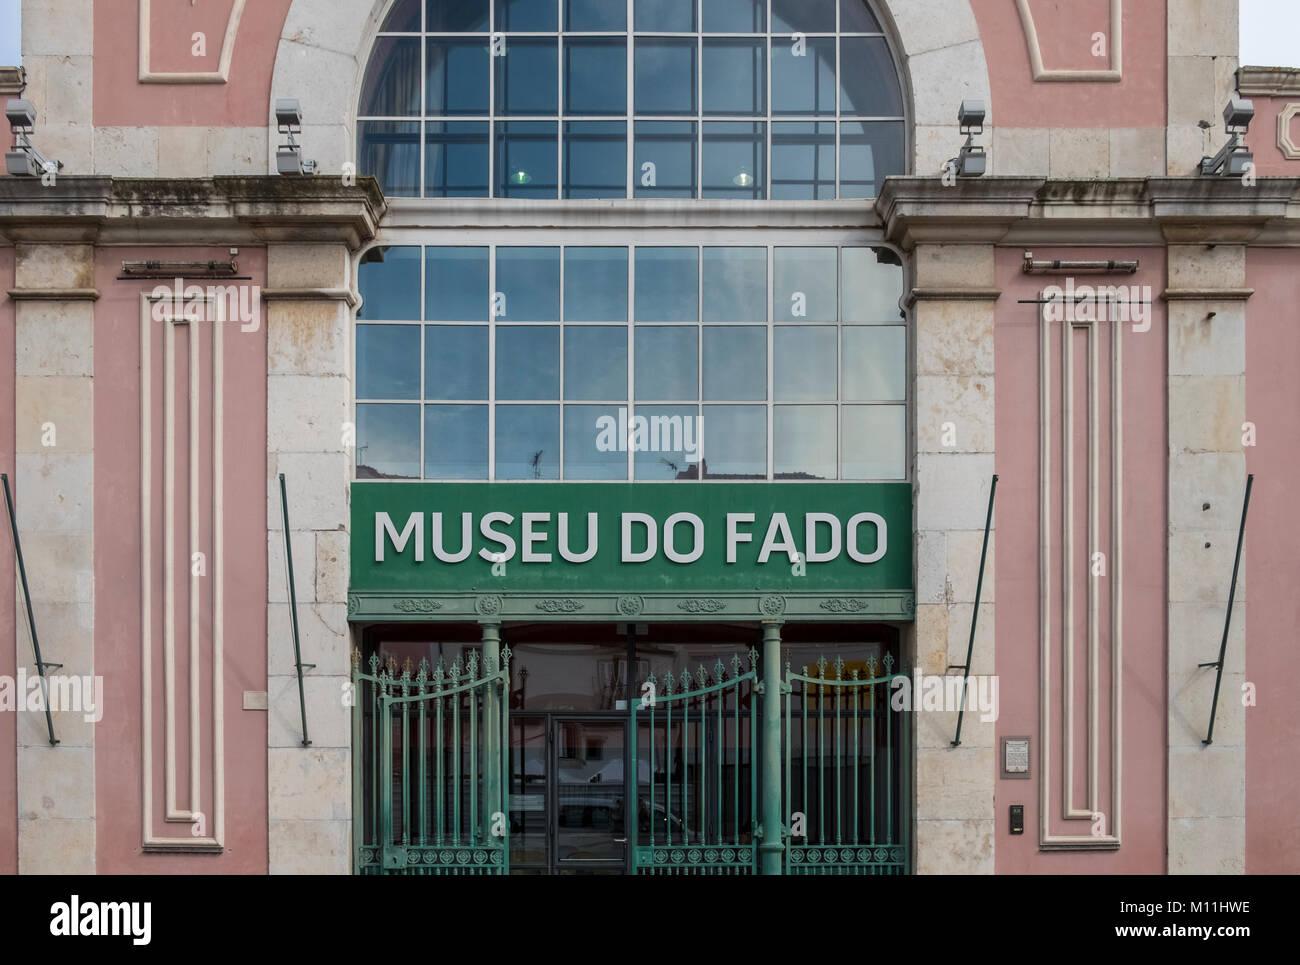 Ingresso al Museu do fado edificio, Largo Chafariz de dentro 1, 1100-139 Lisboa, Portogallo Immagini Stock